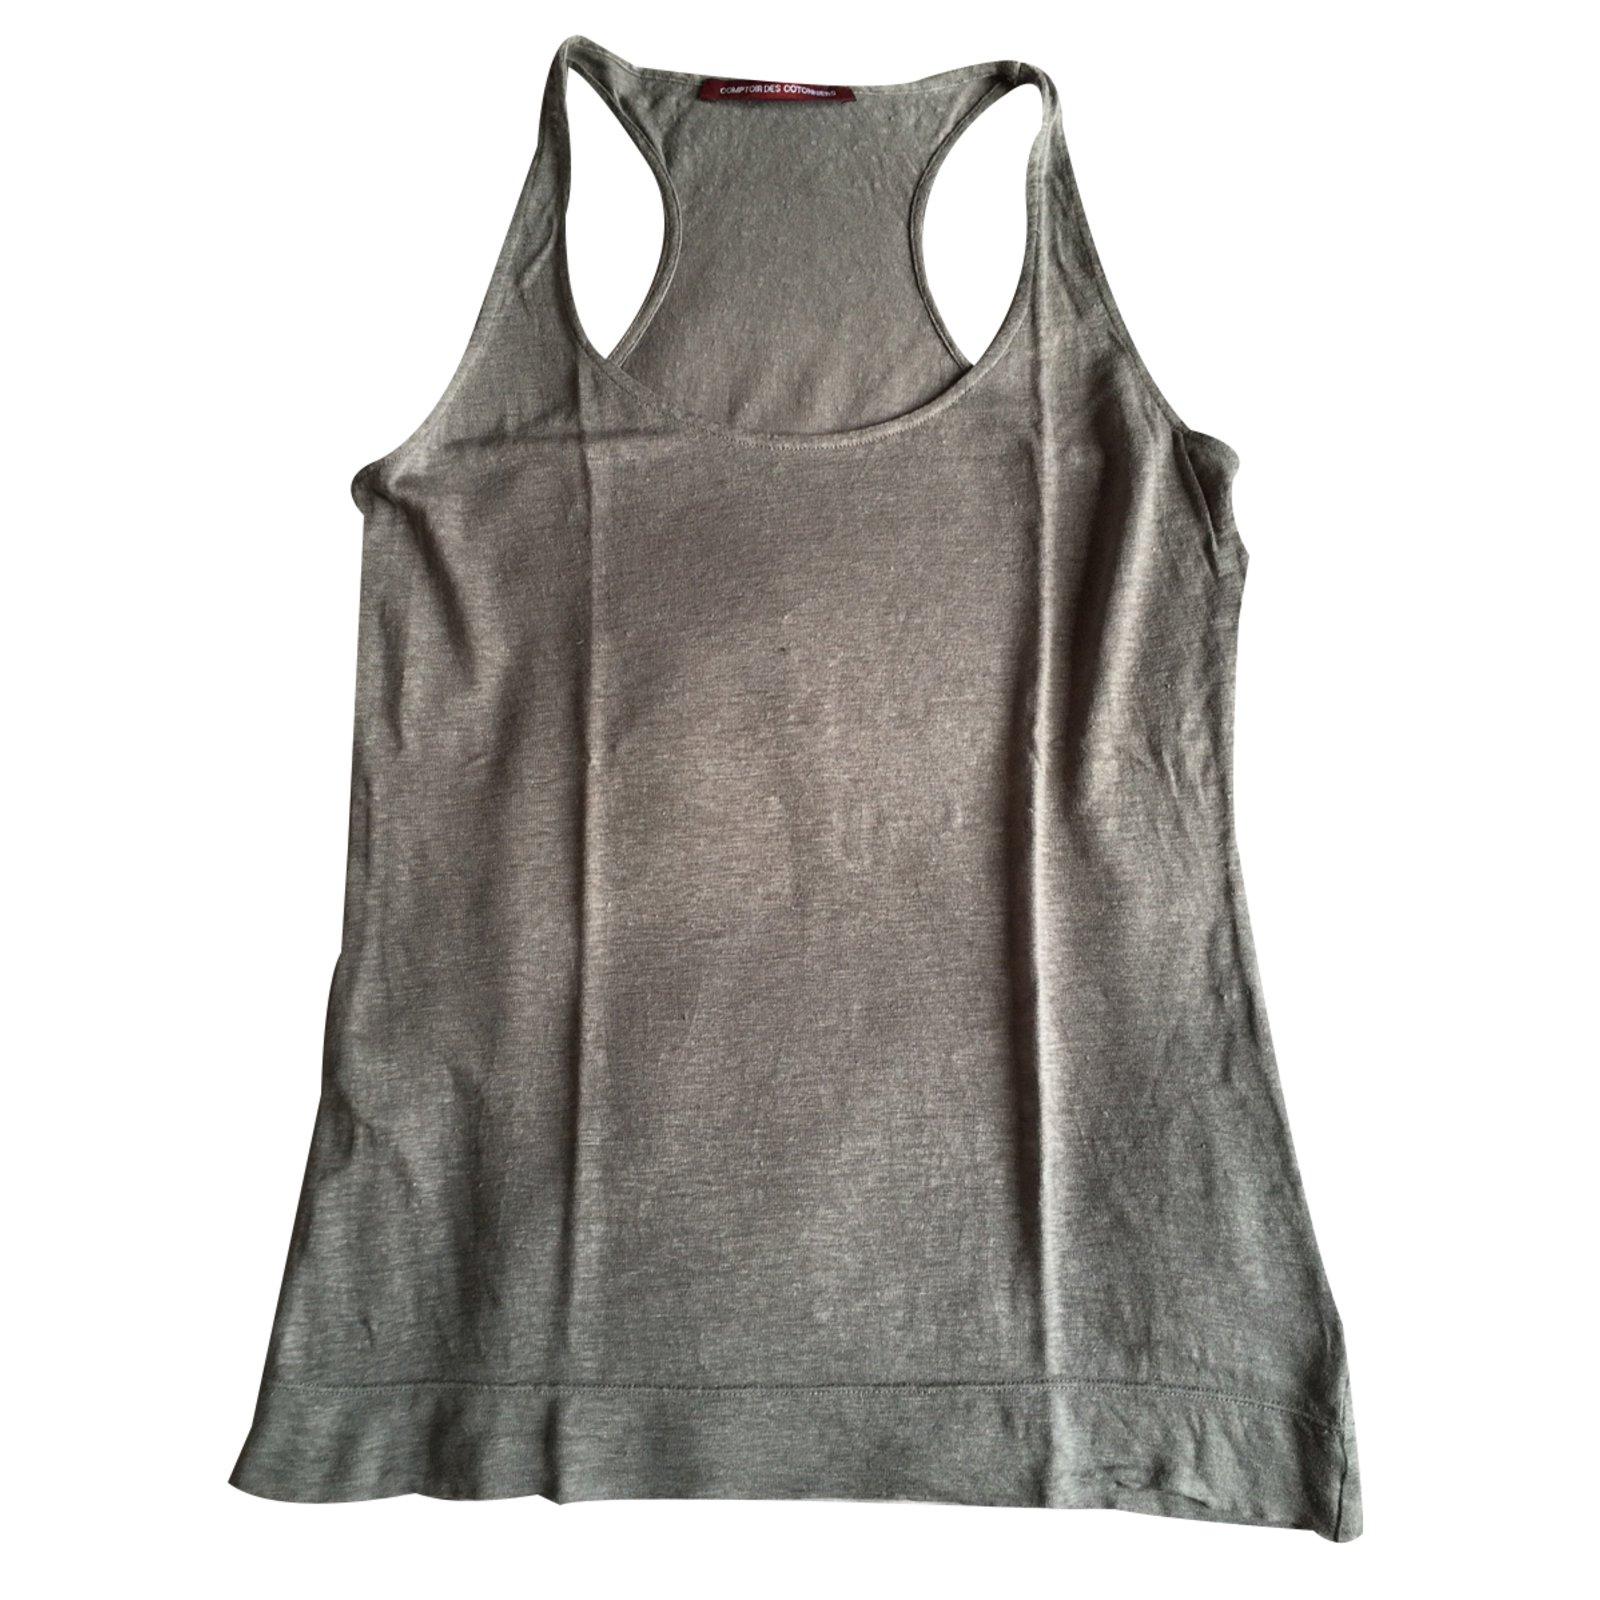 ae77ae9c625cc Comptoir des cotonniers tops linen grey ref joli closet jpg 1600x1600 Linen  tops